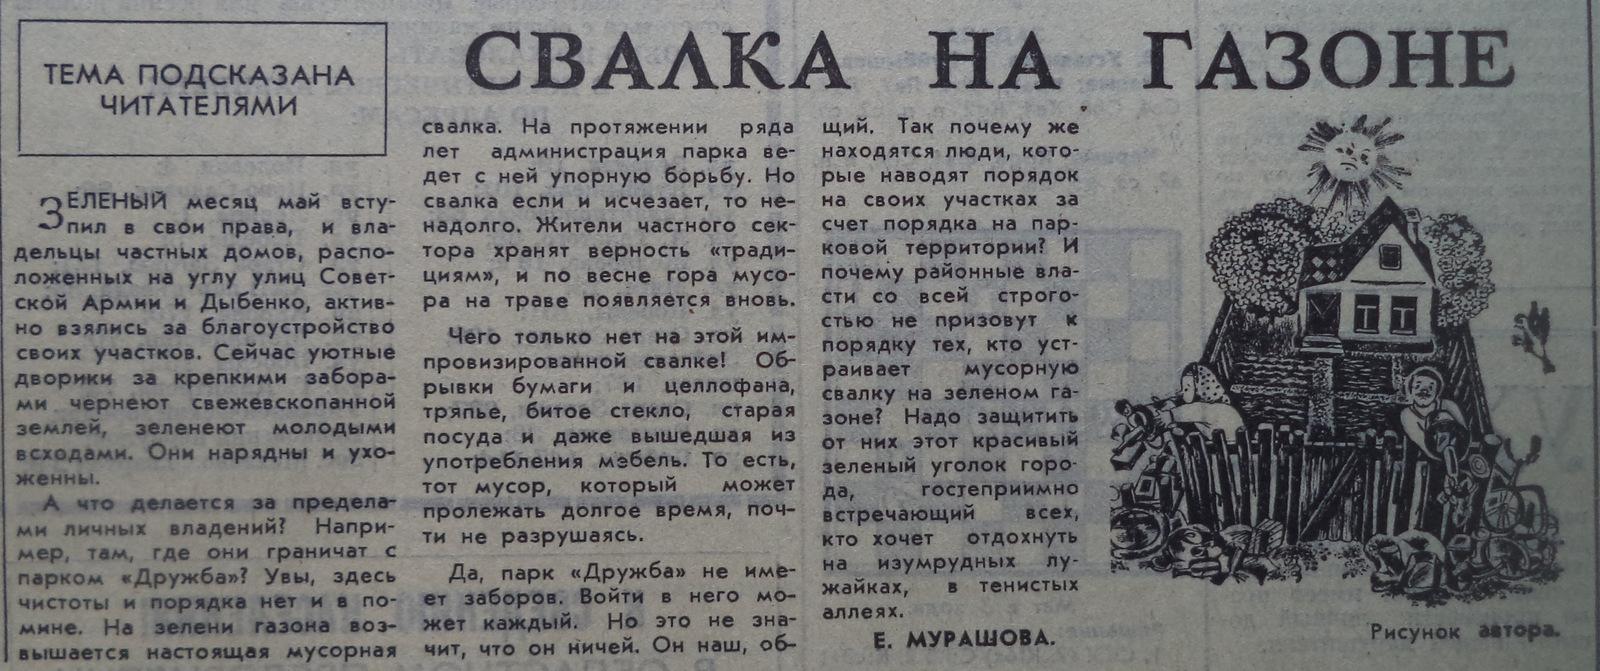 Печёрская-ФОТО-43-ВЗя-1985-05-21-неблаг-во в част. сект. у парка Дружба